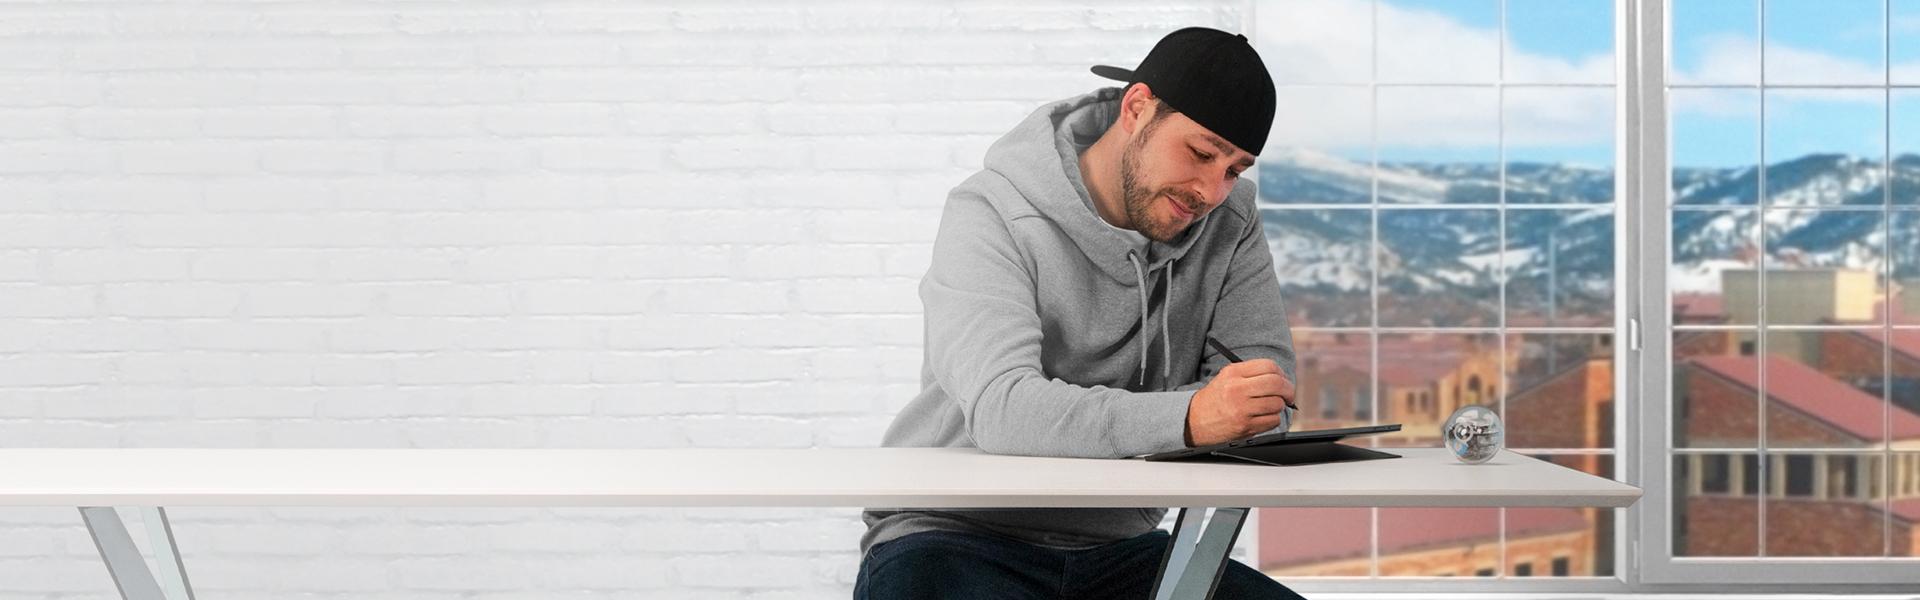 Ein lächelnder Mann an einem Schreibtisch, der mit einem Surface arbeitet